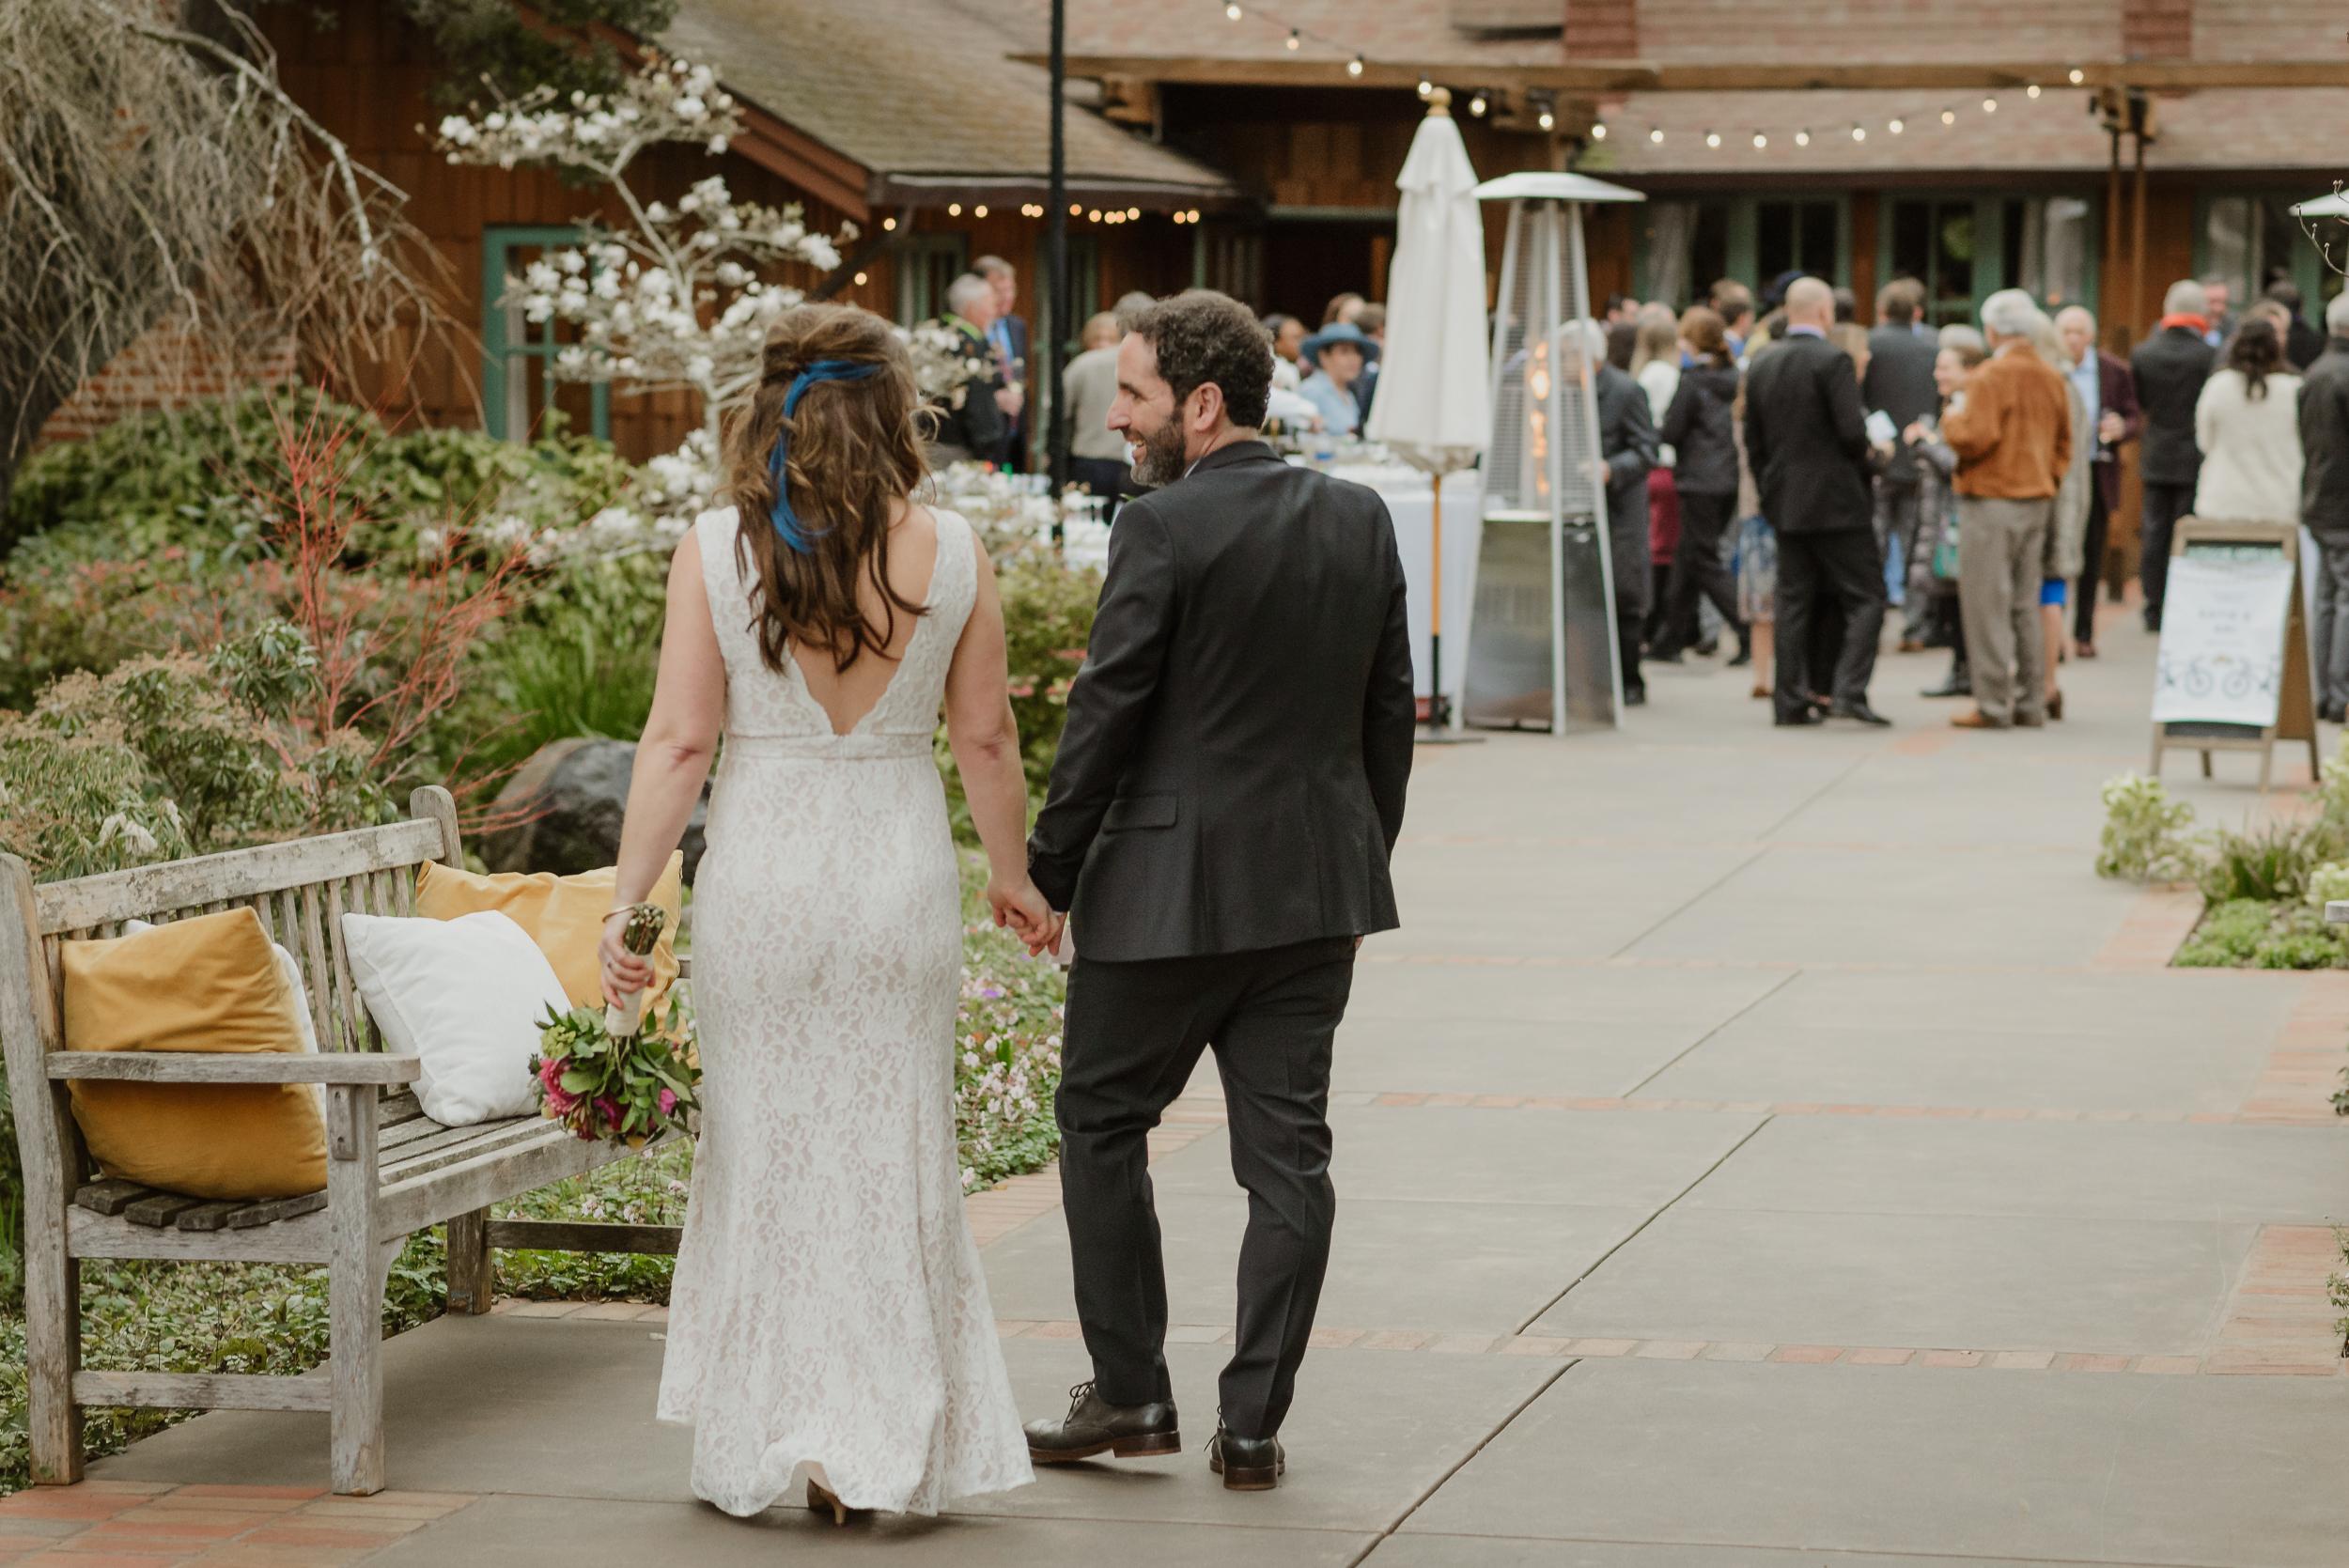 056winter-mill-valley-wedding-outdoor-art-club-wedding-vivianchen-297.jpg